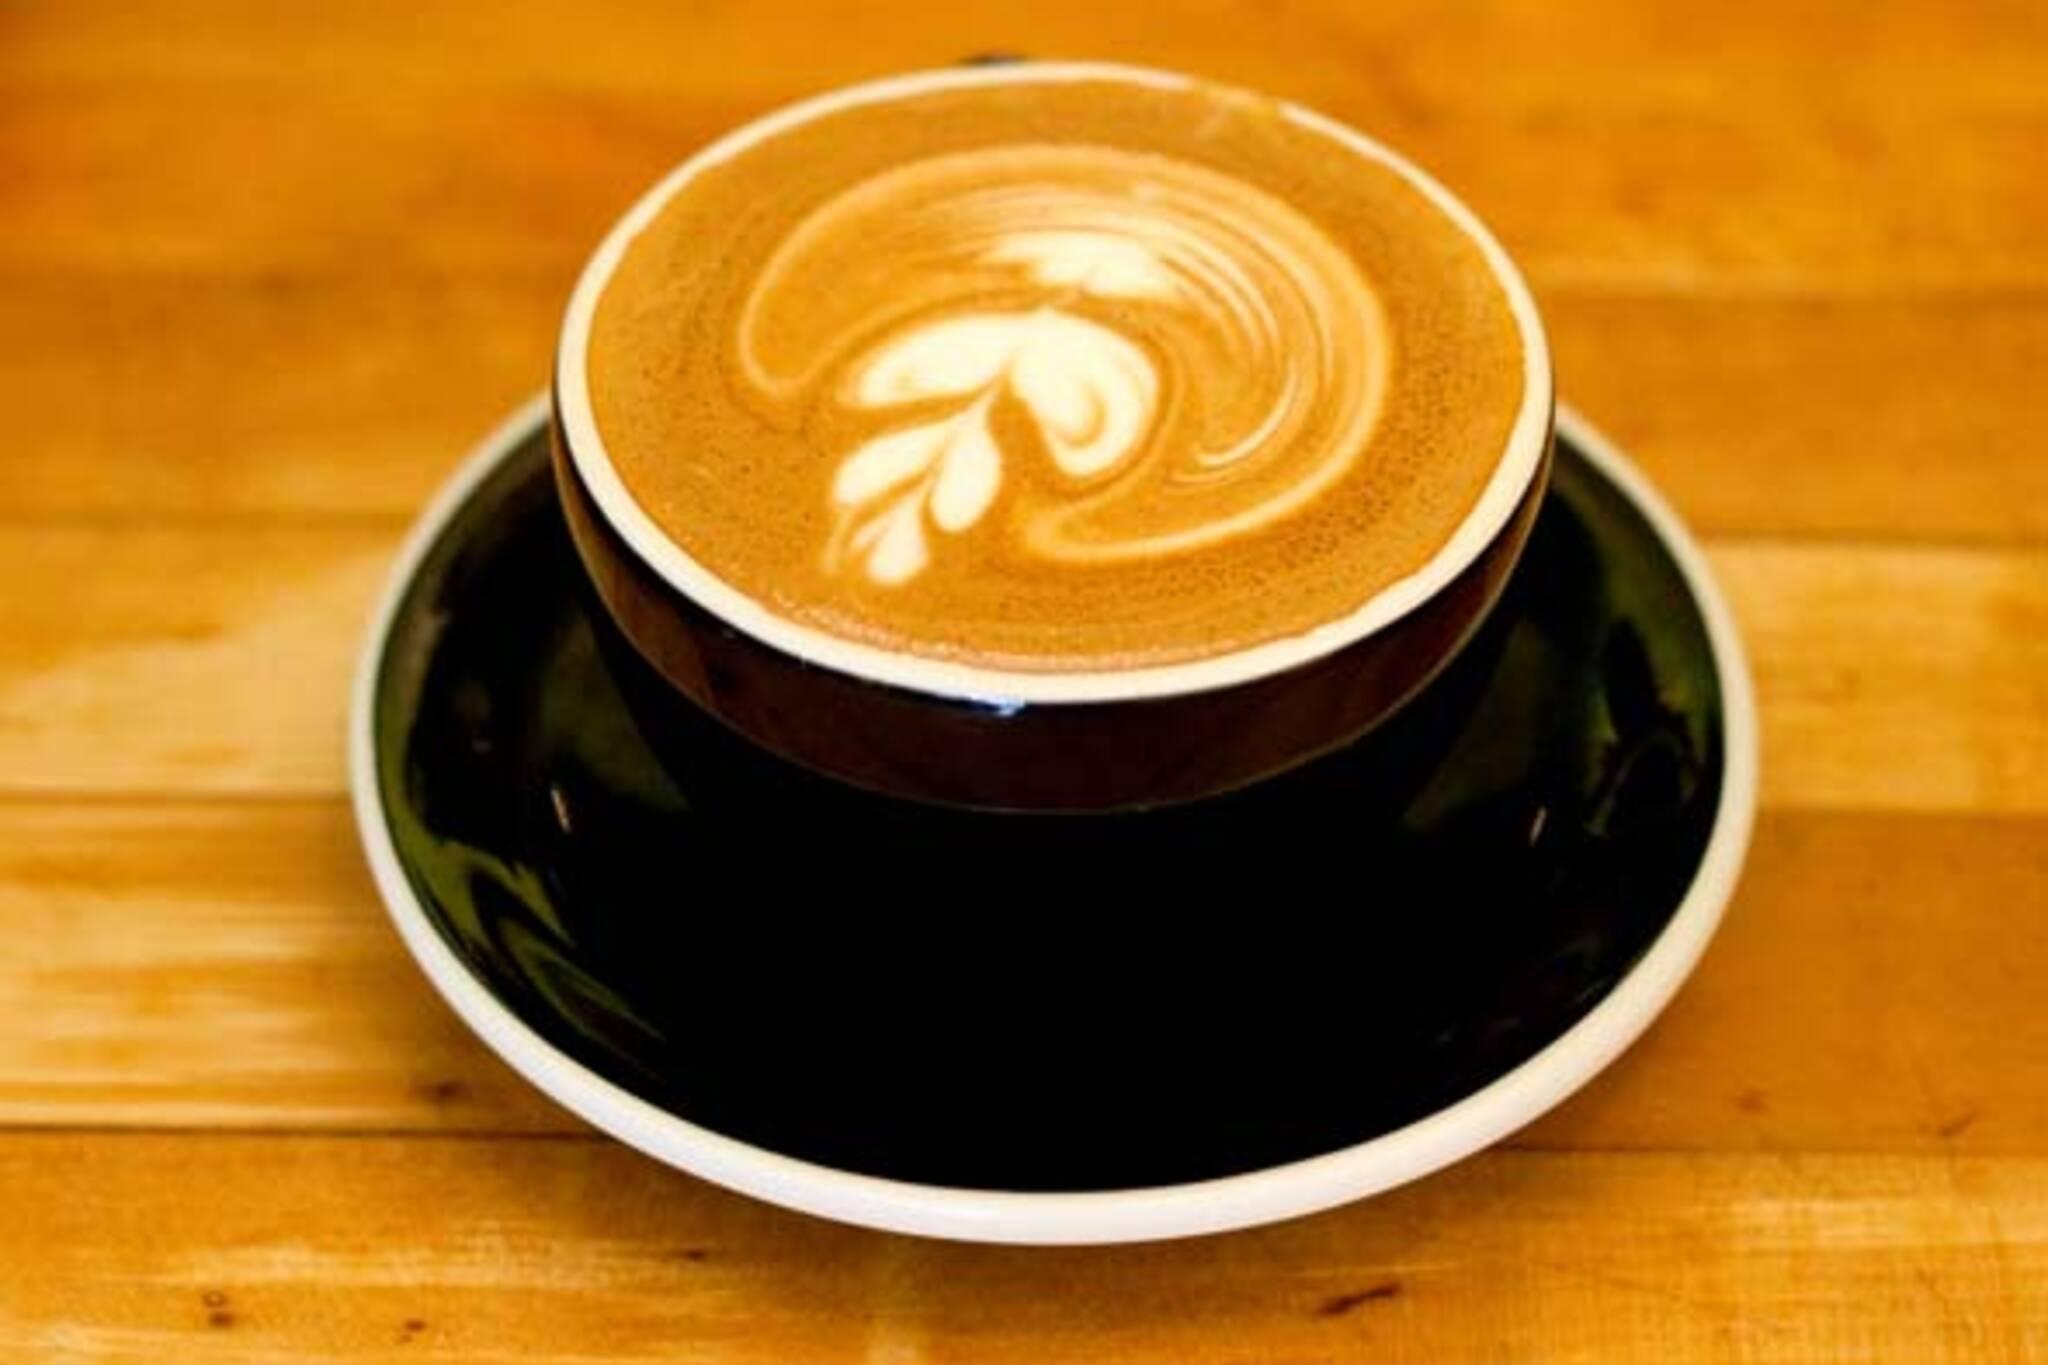 TAN COFFEE TORONTO